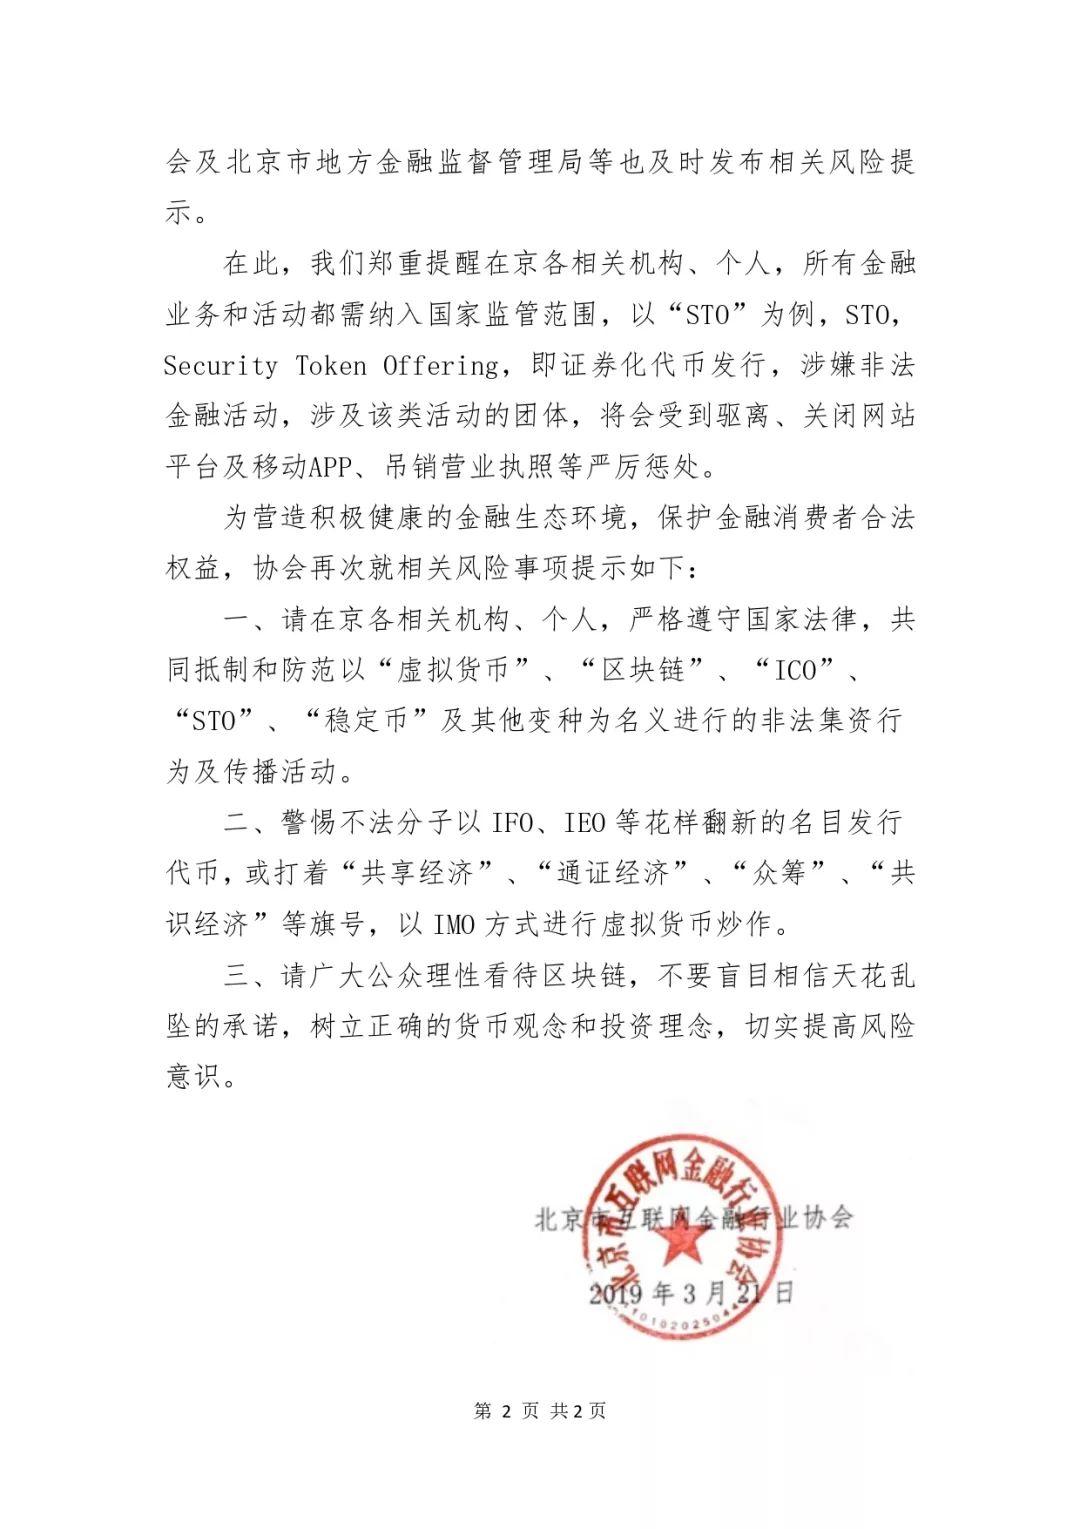 """北京互金协会发文,提醒""""警惕IEO等非法公开融资行为"""""""